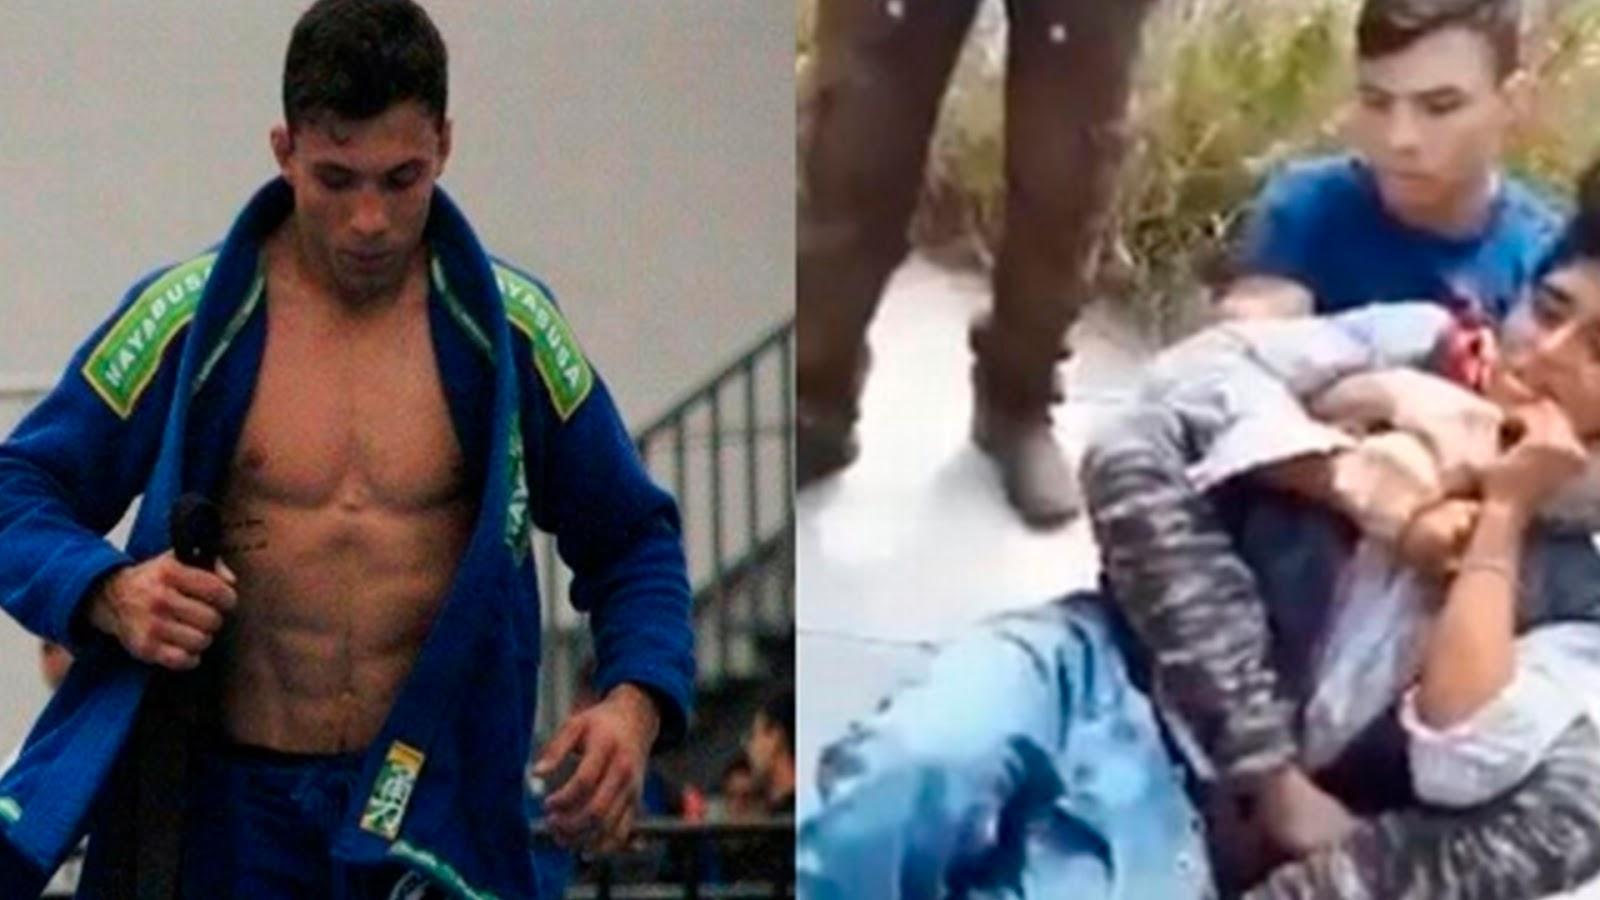 Campeón de artes marciales frustra asalto en Puebla y somete al ladrón (VÍDEO)